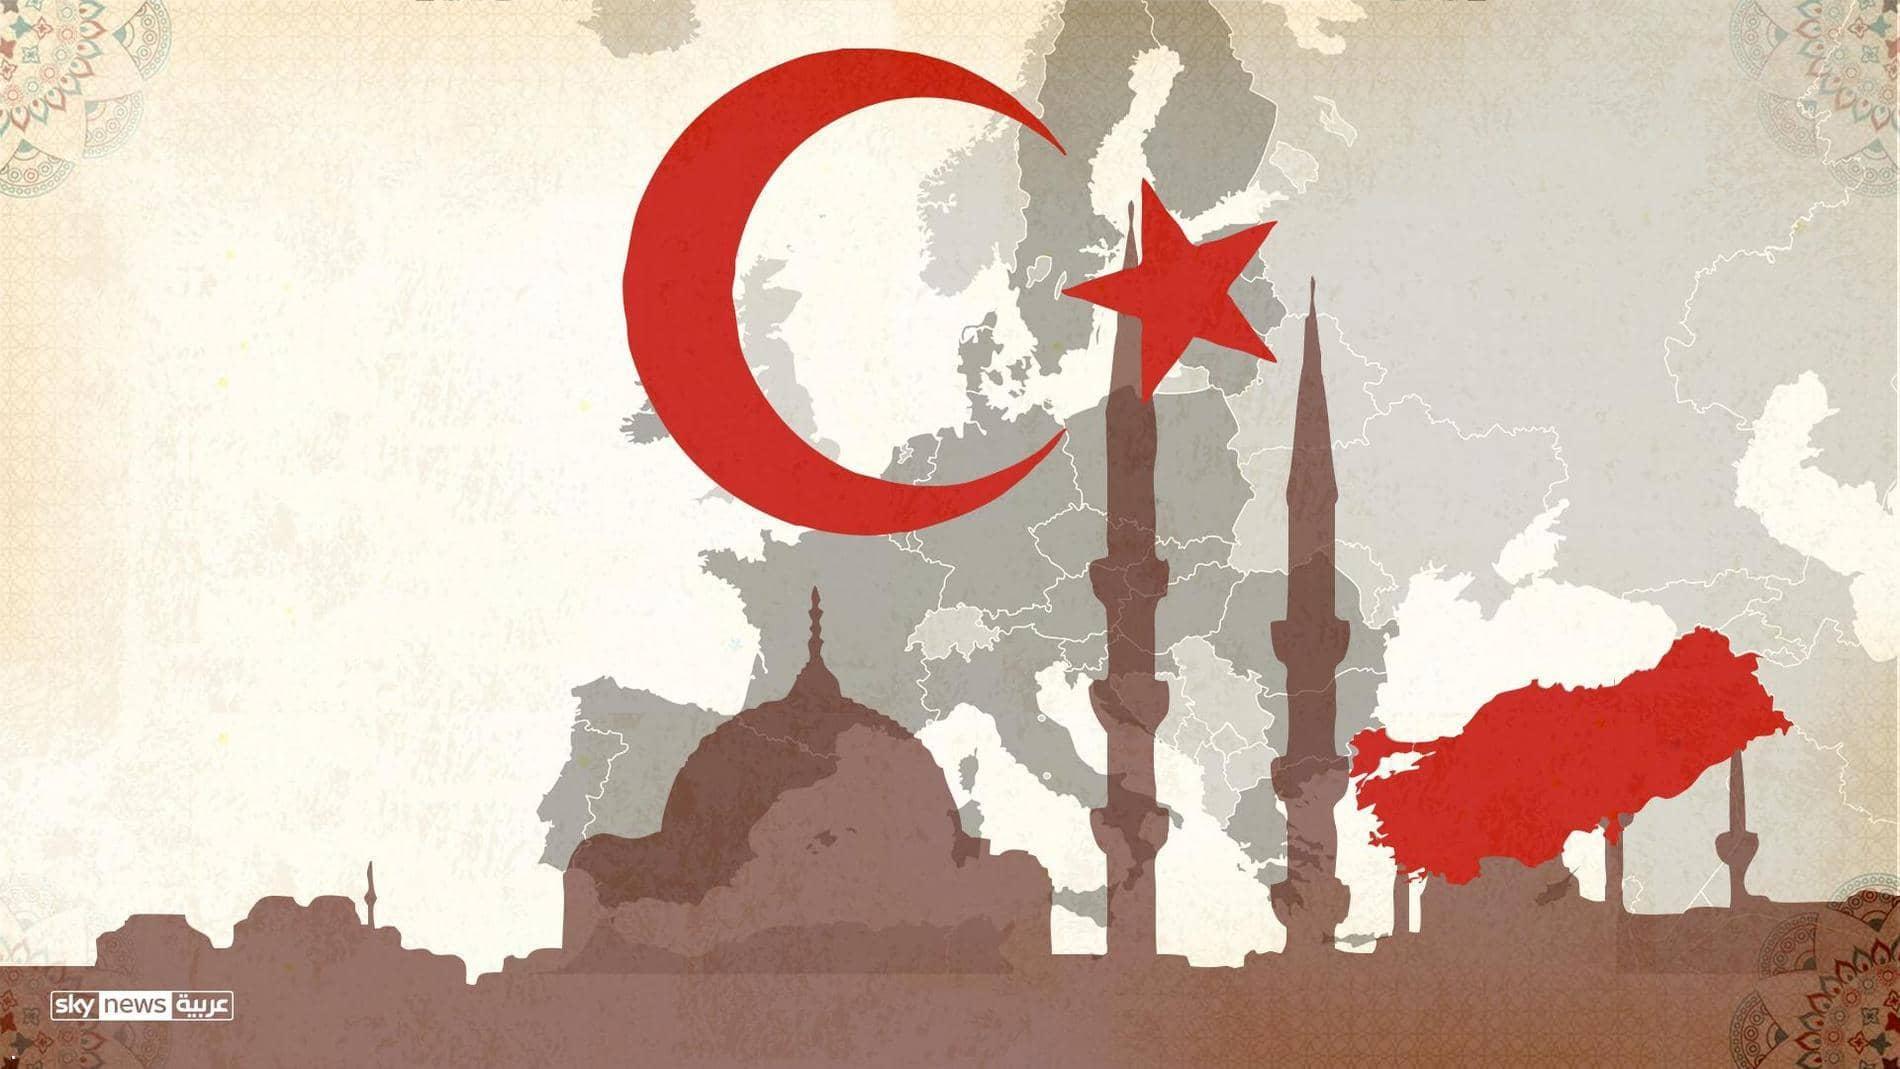 Türk imamları DAİŞ'in ideolojisini Avrupa'da yaygınlaştırdı.